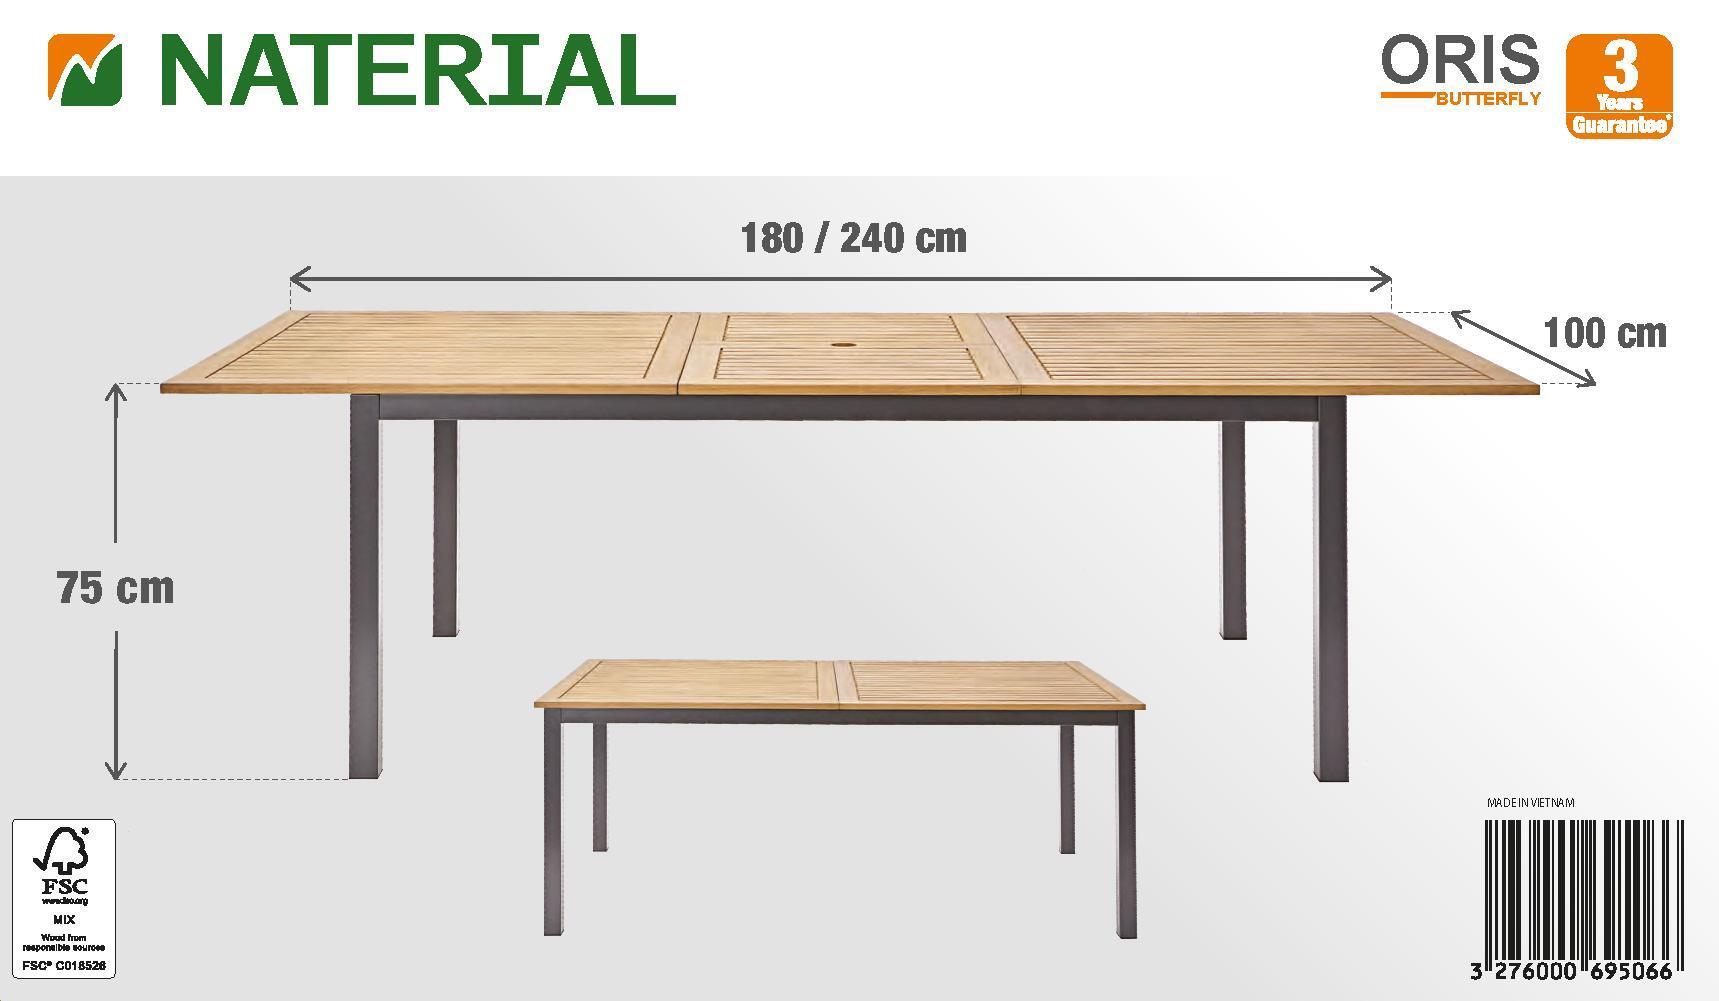 Tavolo da giardino allungabile rettangolare Oris NATERIAL con piano in legno L 180/240 x P 98.9 cm - 22